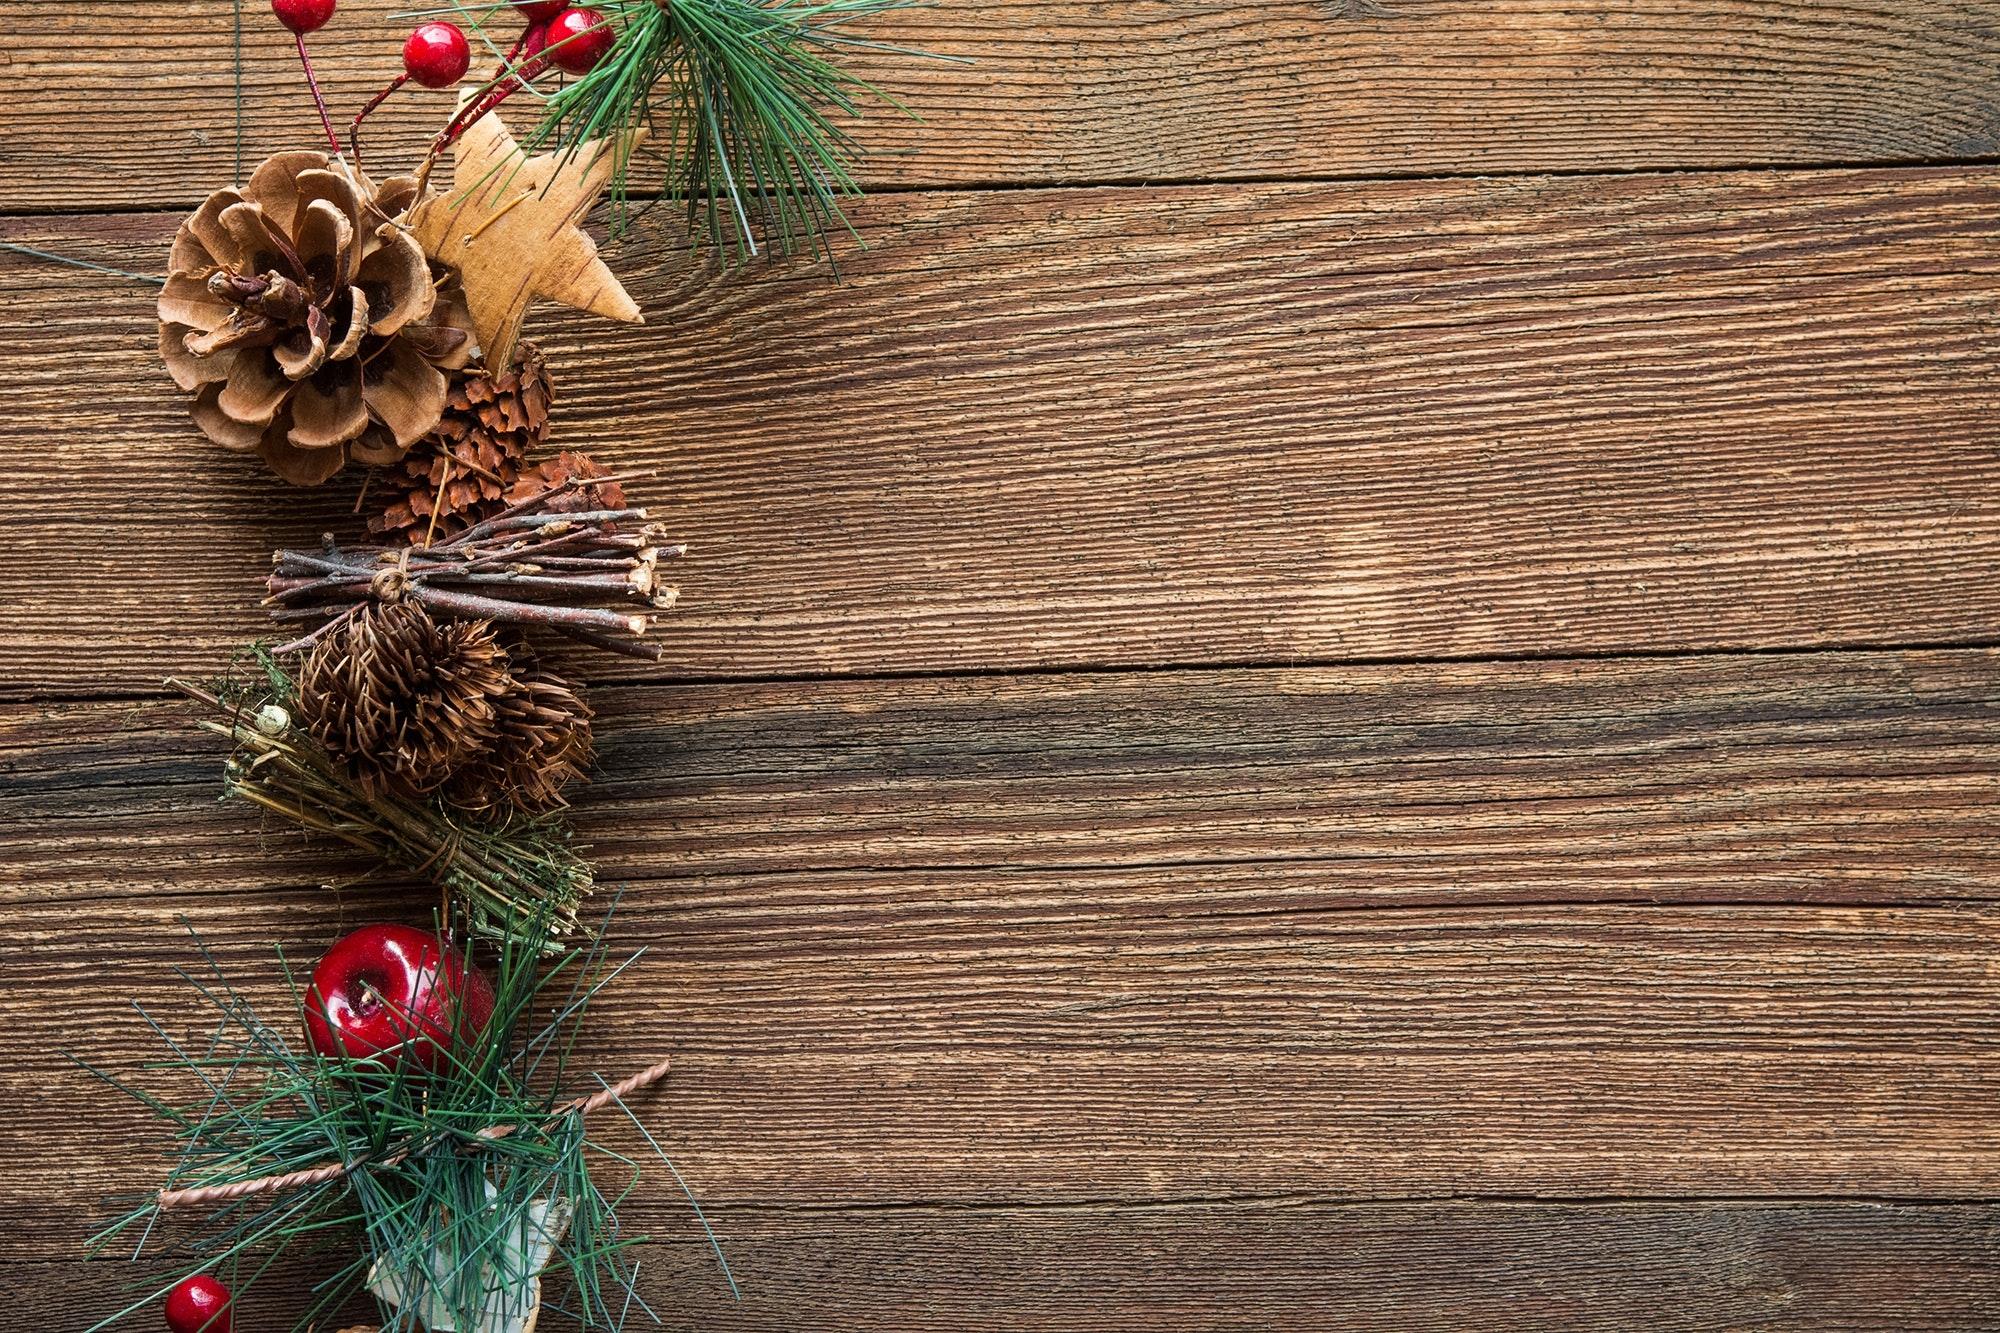 weihnachtsbilder  u00b7 pexels  u00b7 kostenlose stock fotos